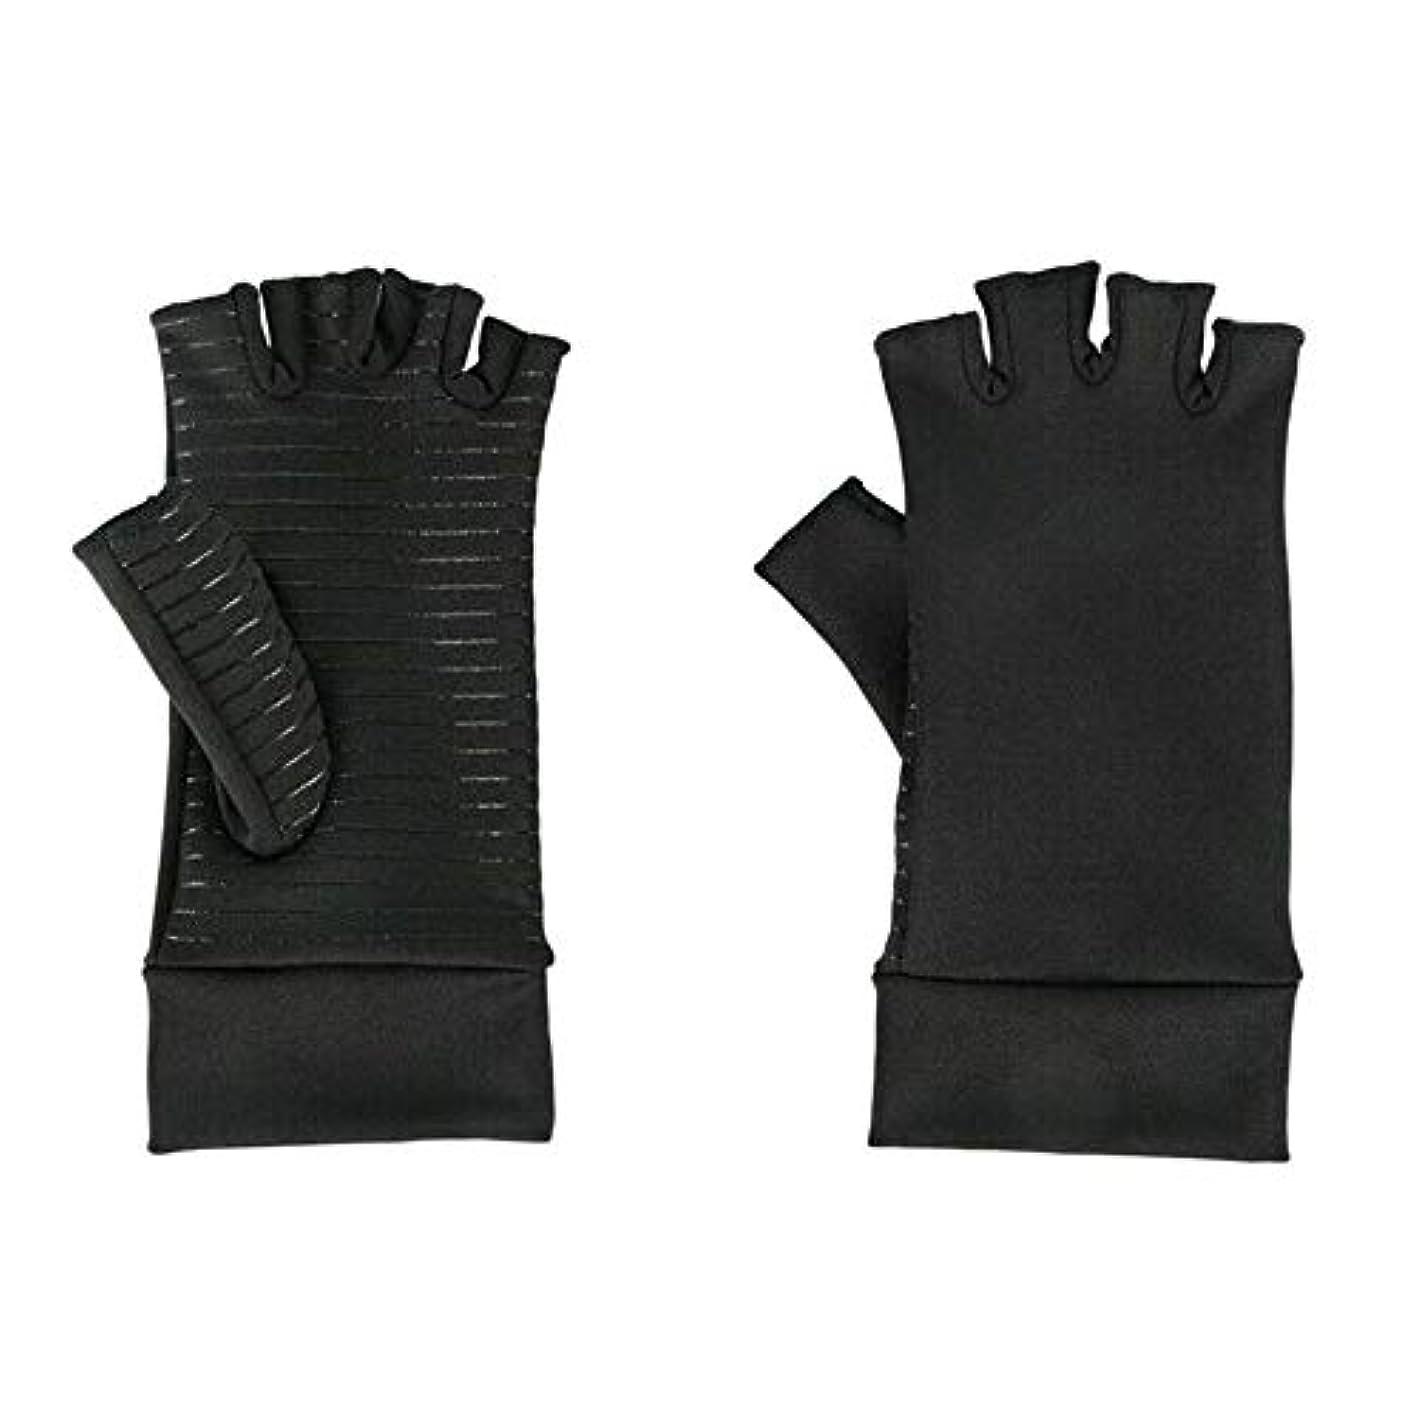 フェードアウト泥だらけ長くするACAMPTAR 圧縮手袋、関節炎、手根管、手首の装具、サポート、M